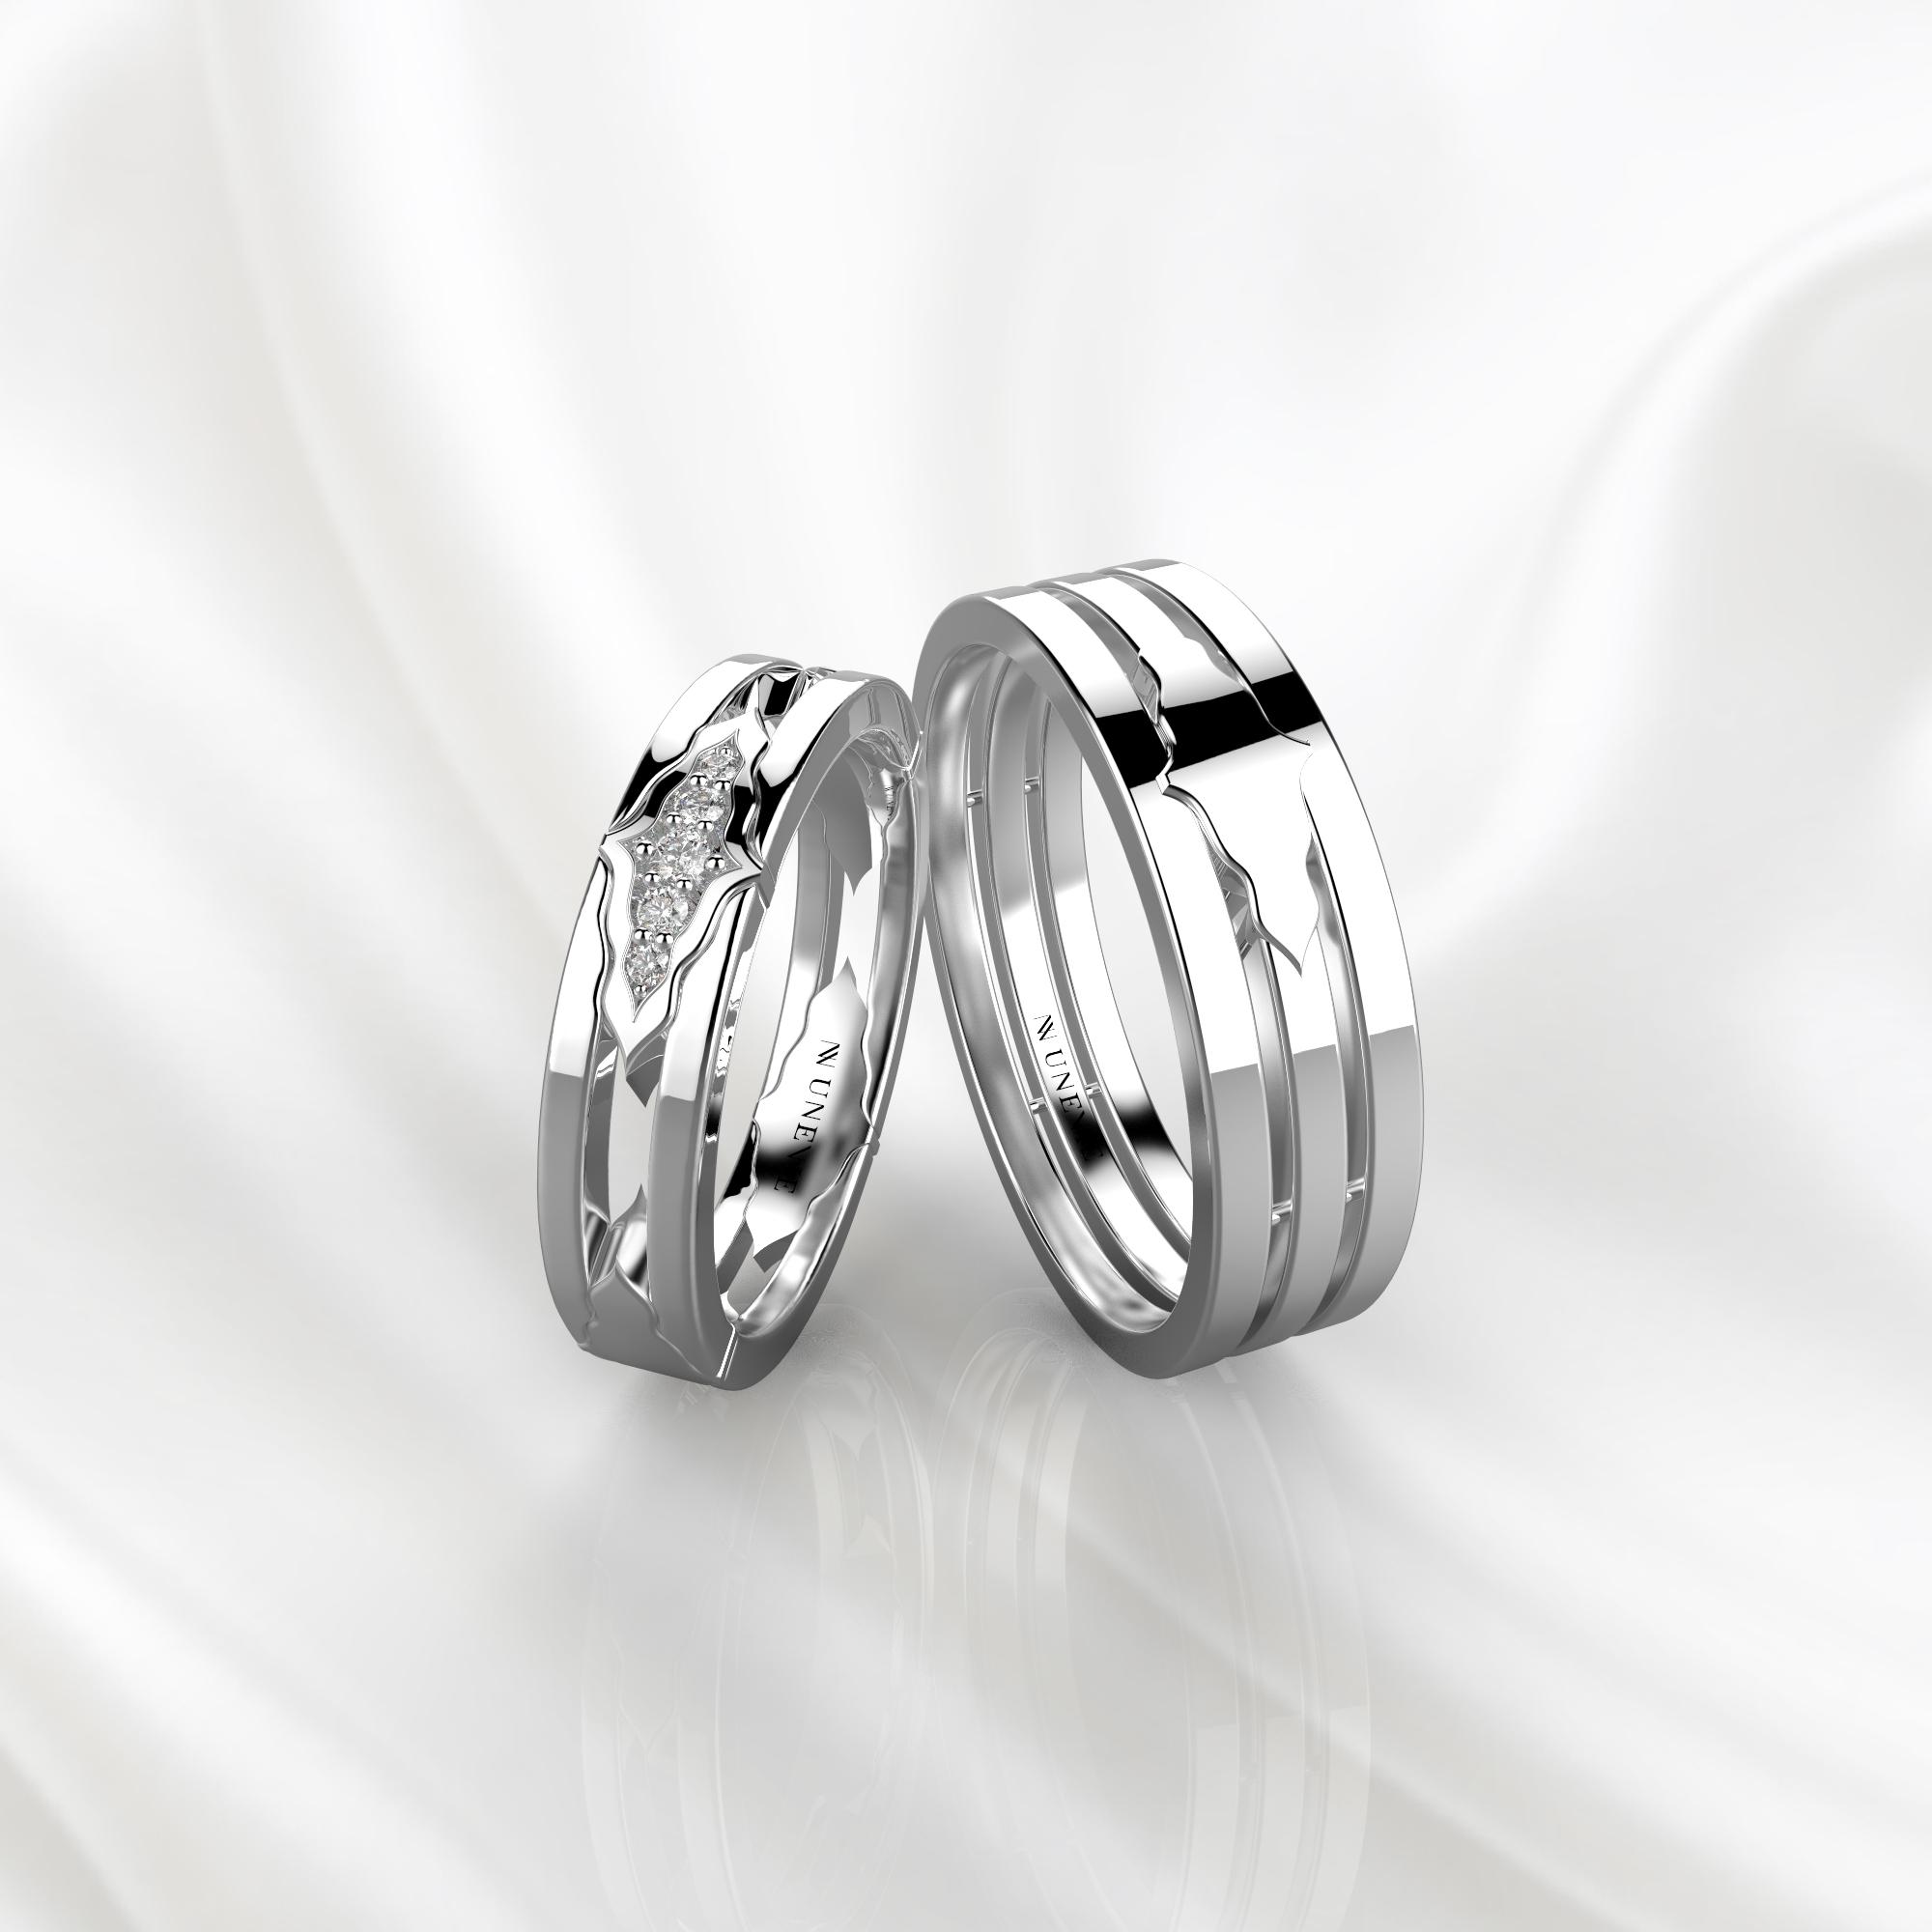 Парные обручальные кольца из белого золота с 5 бриллиантами